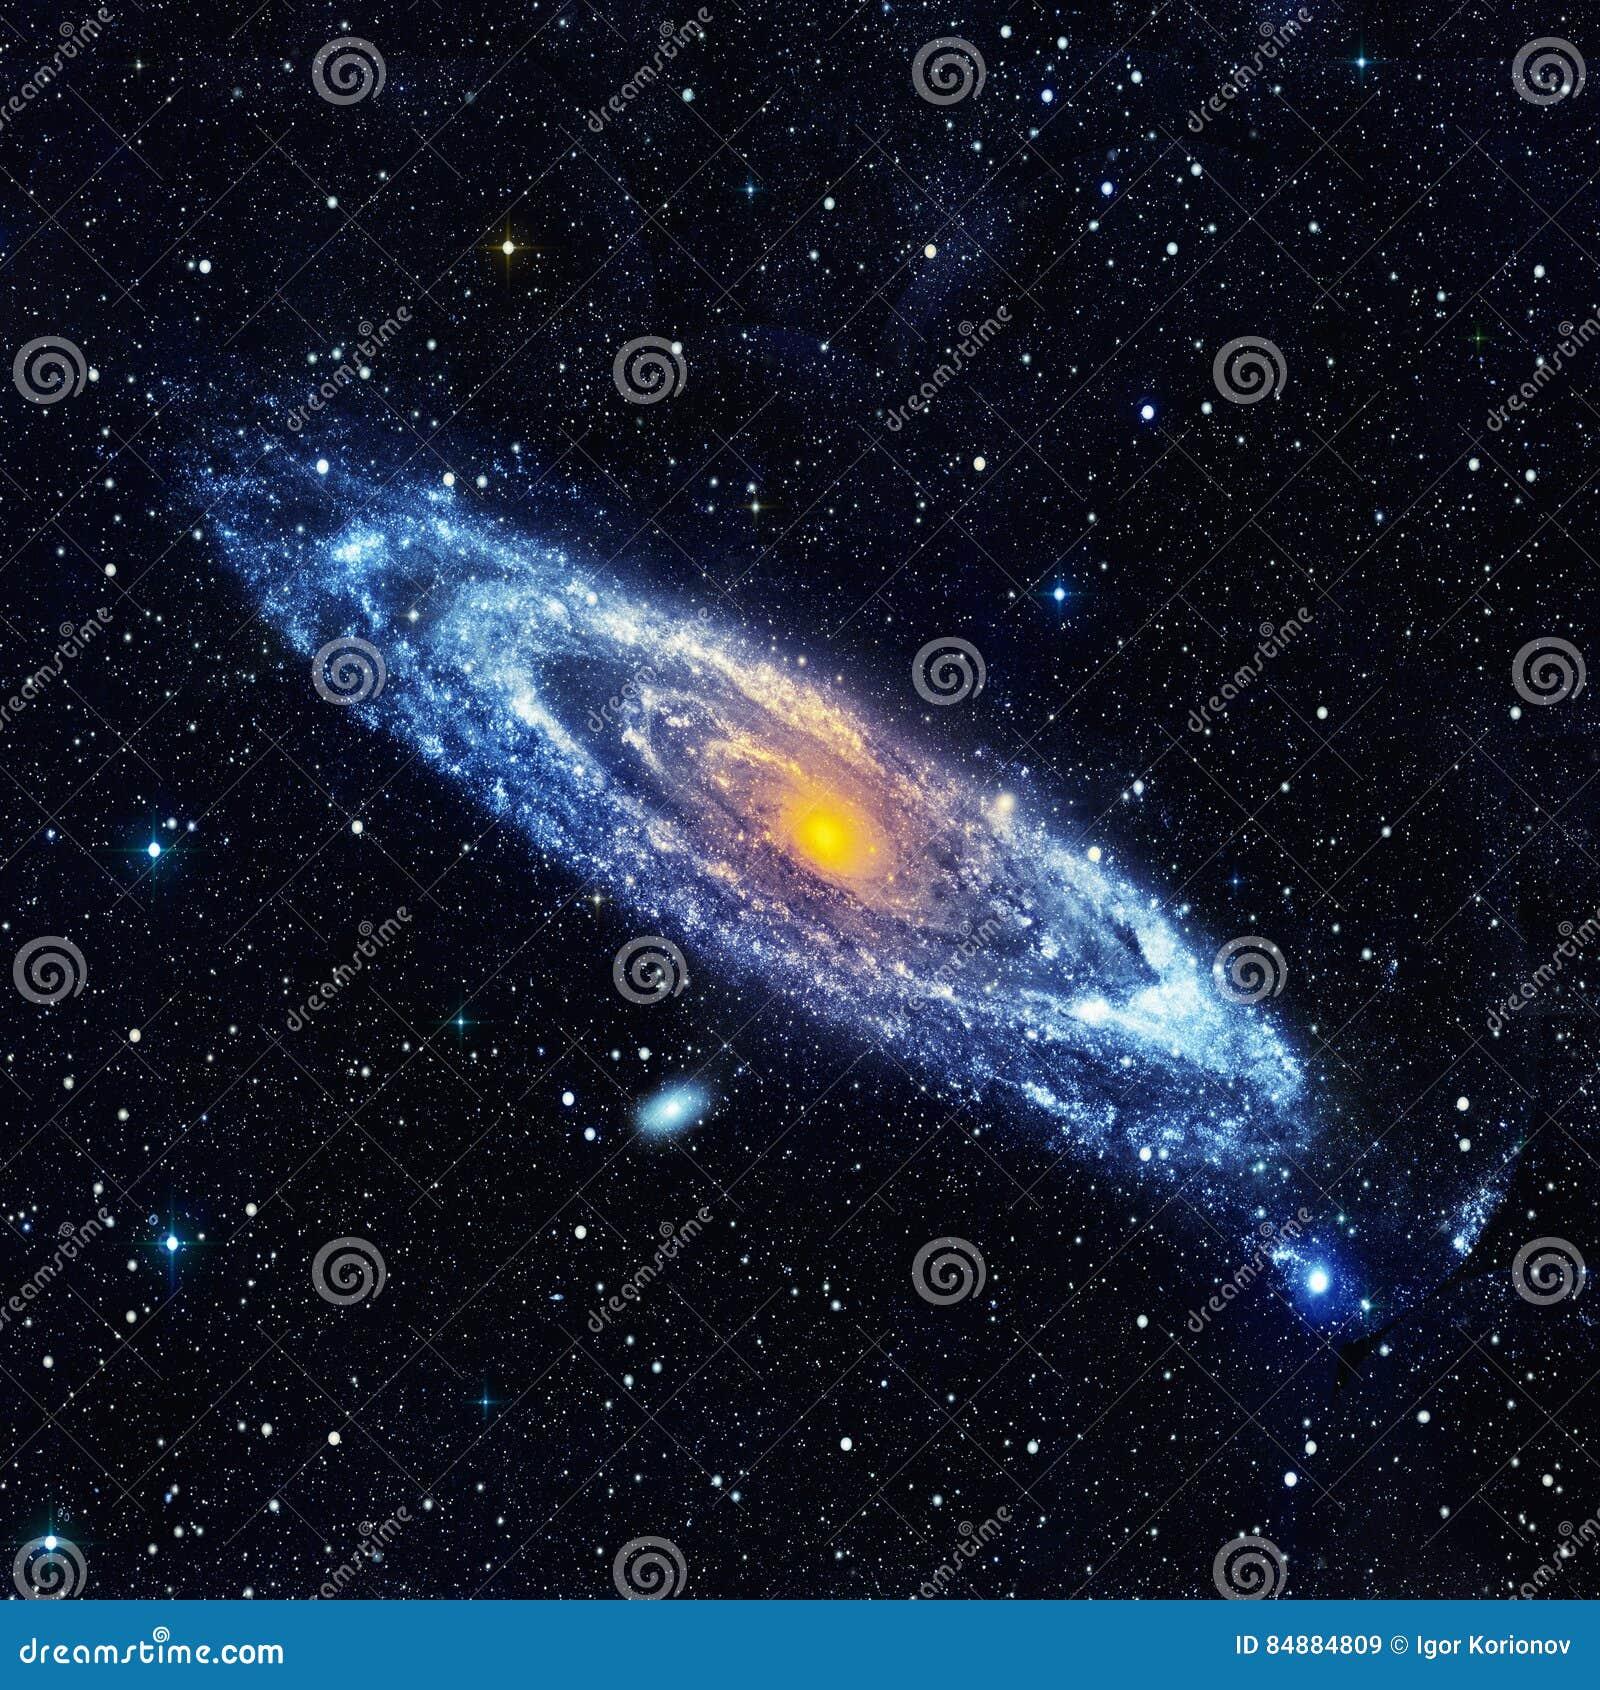 Αφηρημένο διαστημικό τοπίο με έναν σπειροειδή γαλαξία